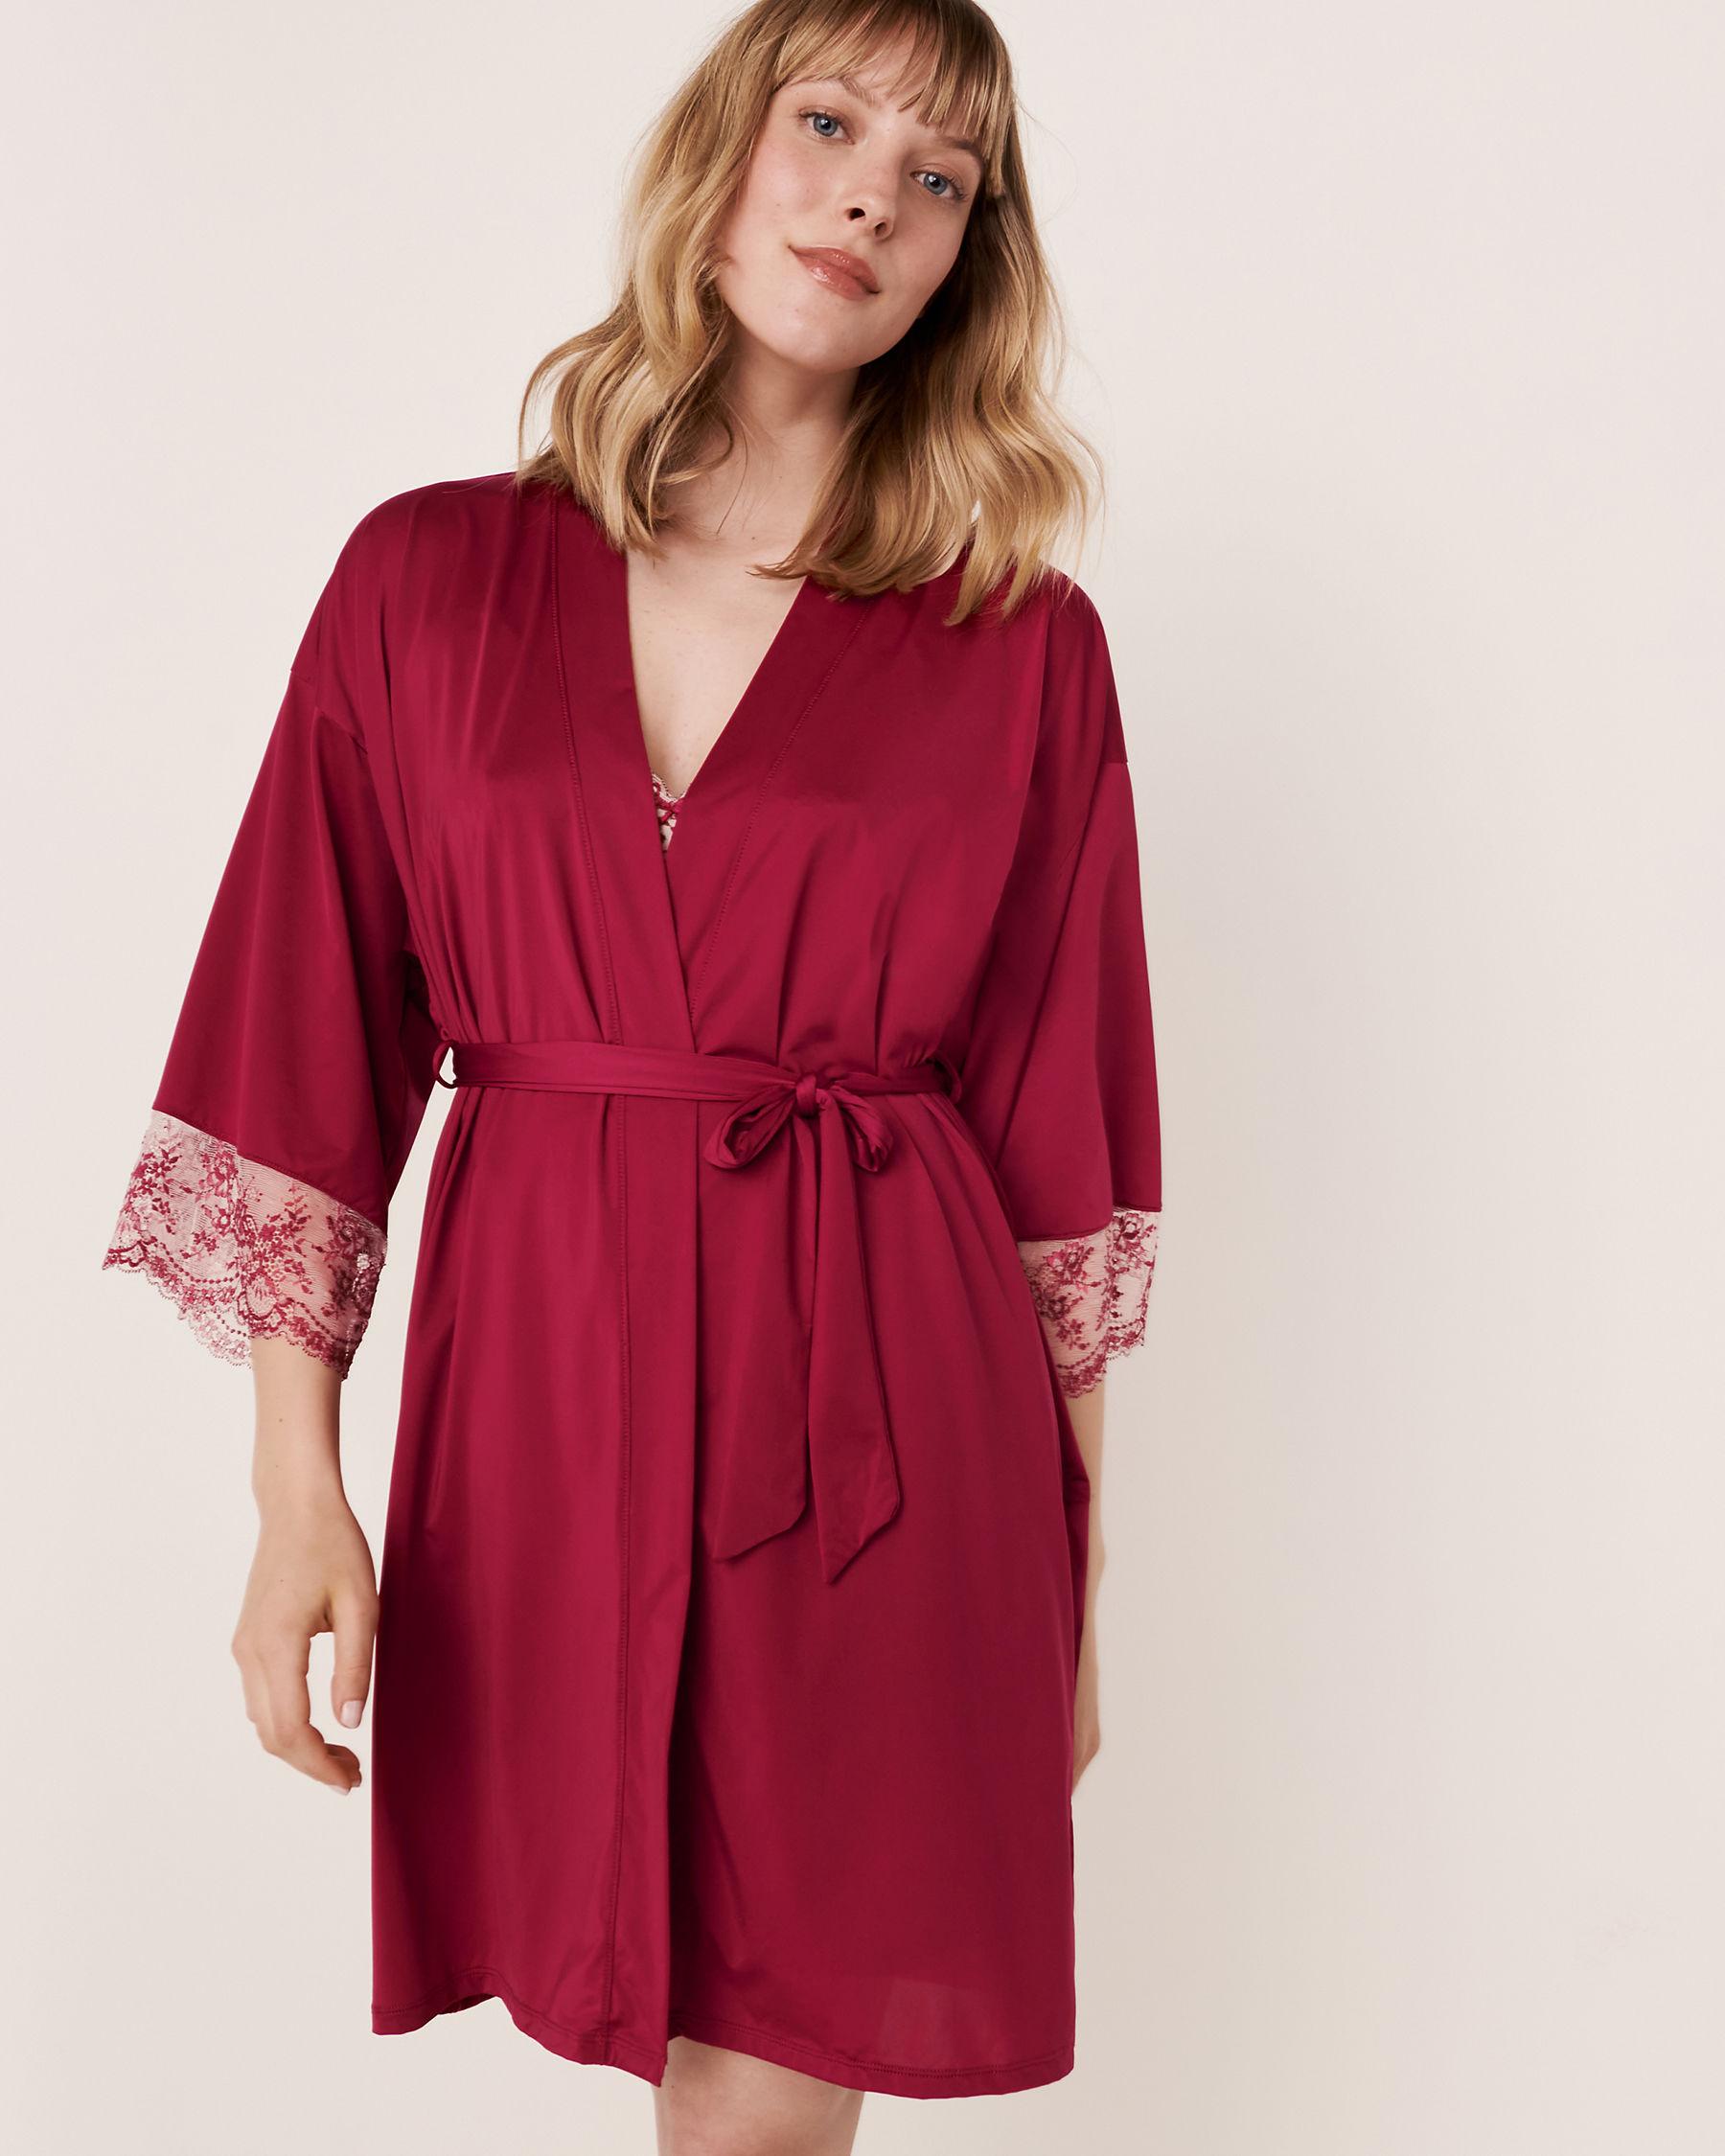 LA VIE EN ROSE Kimono garniture de dentelle Betterave 60600005 - Voir2